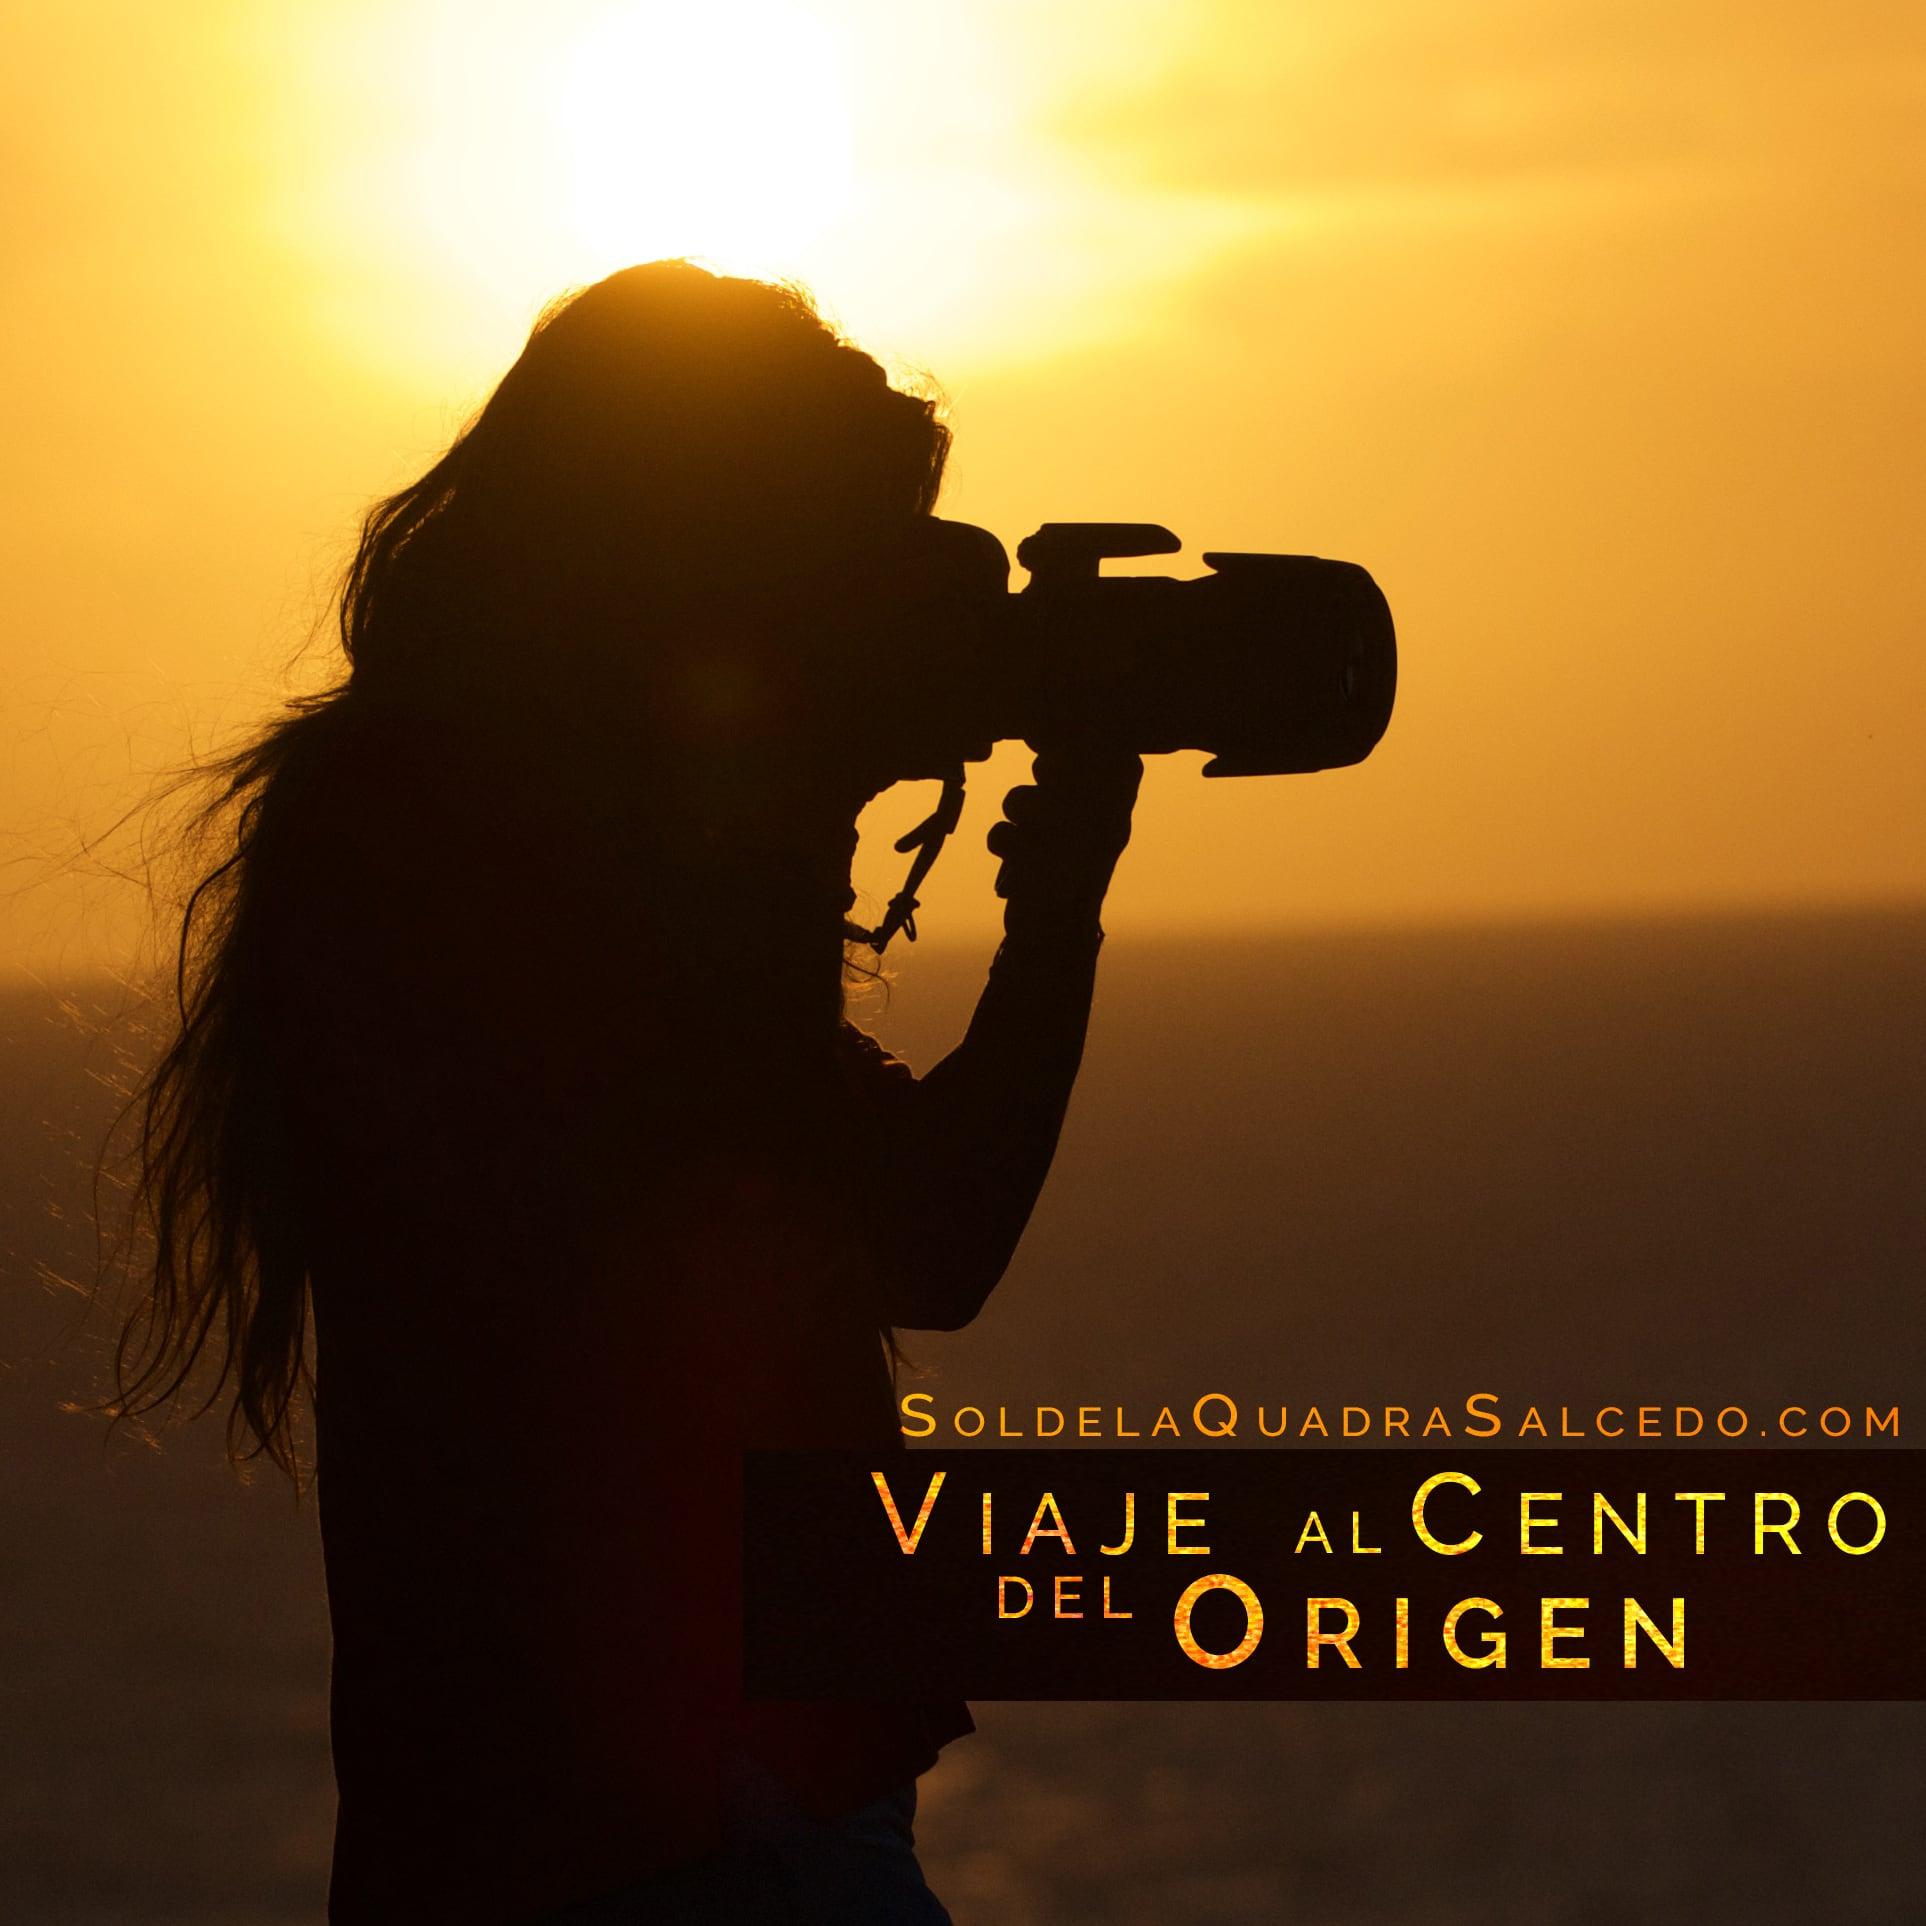 """""""Viaje al centro del origen"""", una aventura de la mano de Sol de la Quadra-Salcedo"""